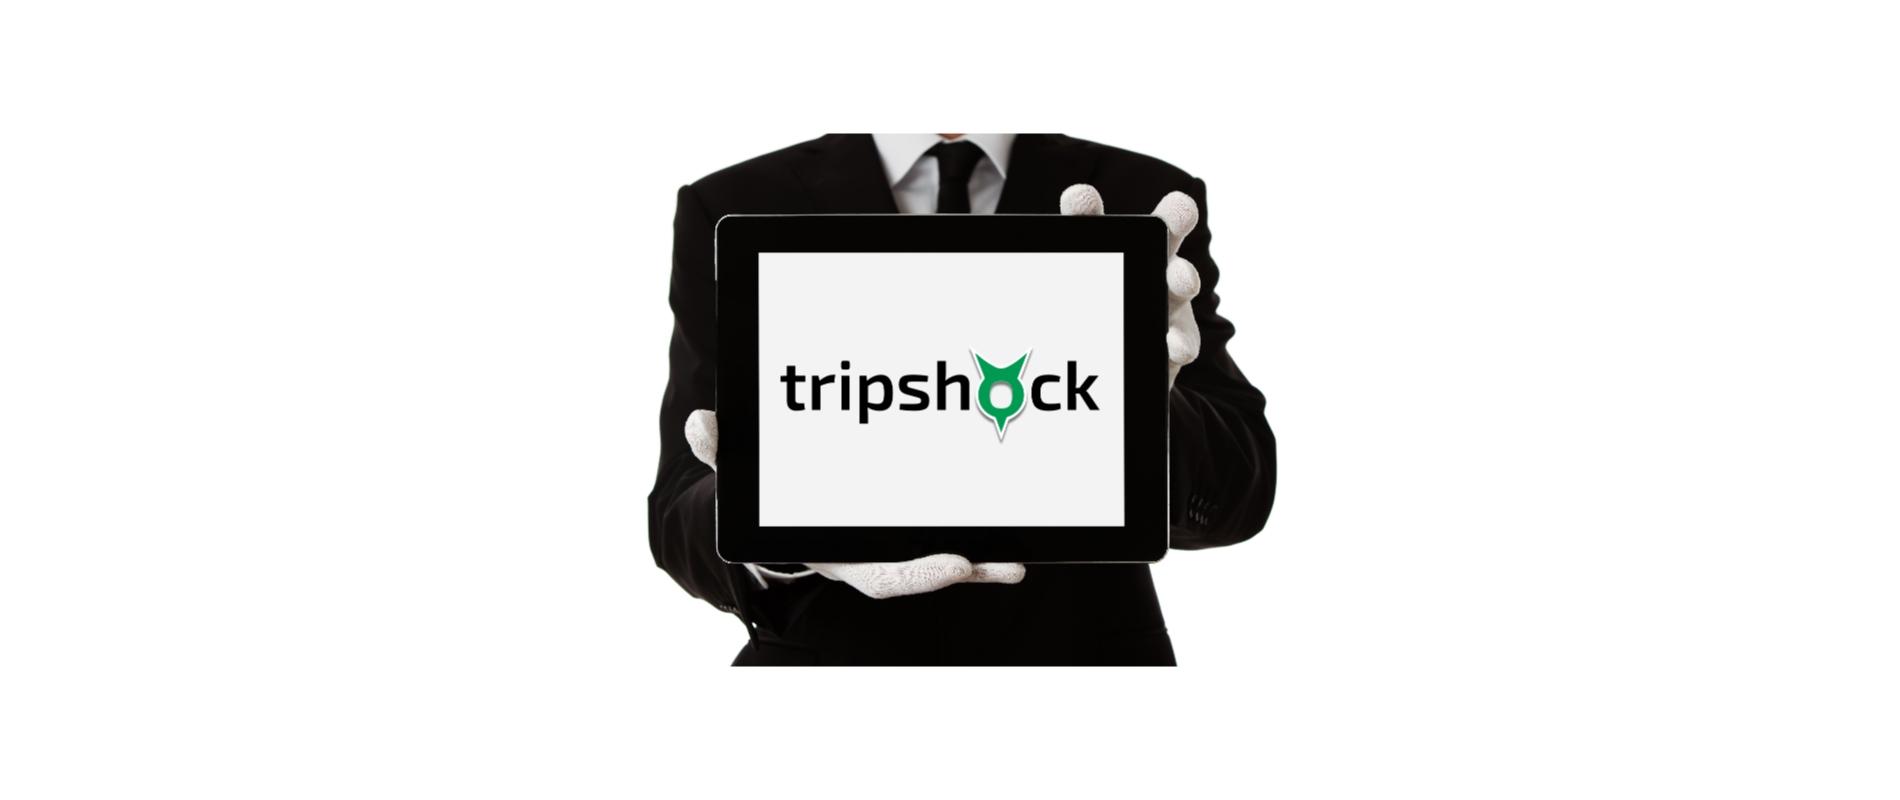 tripshock anniversary